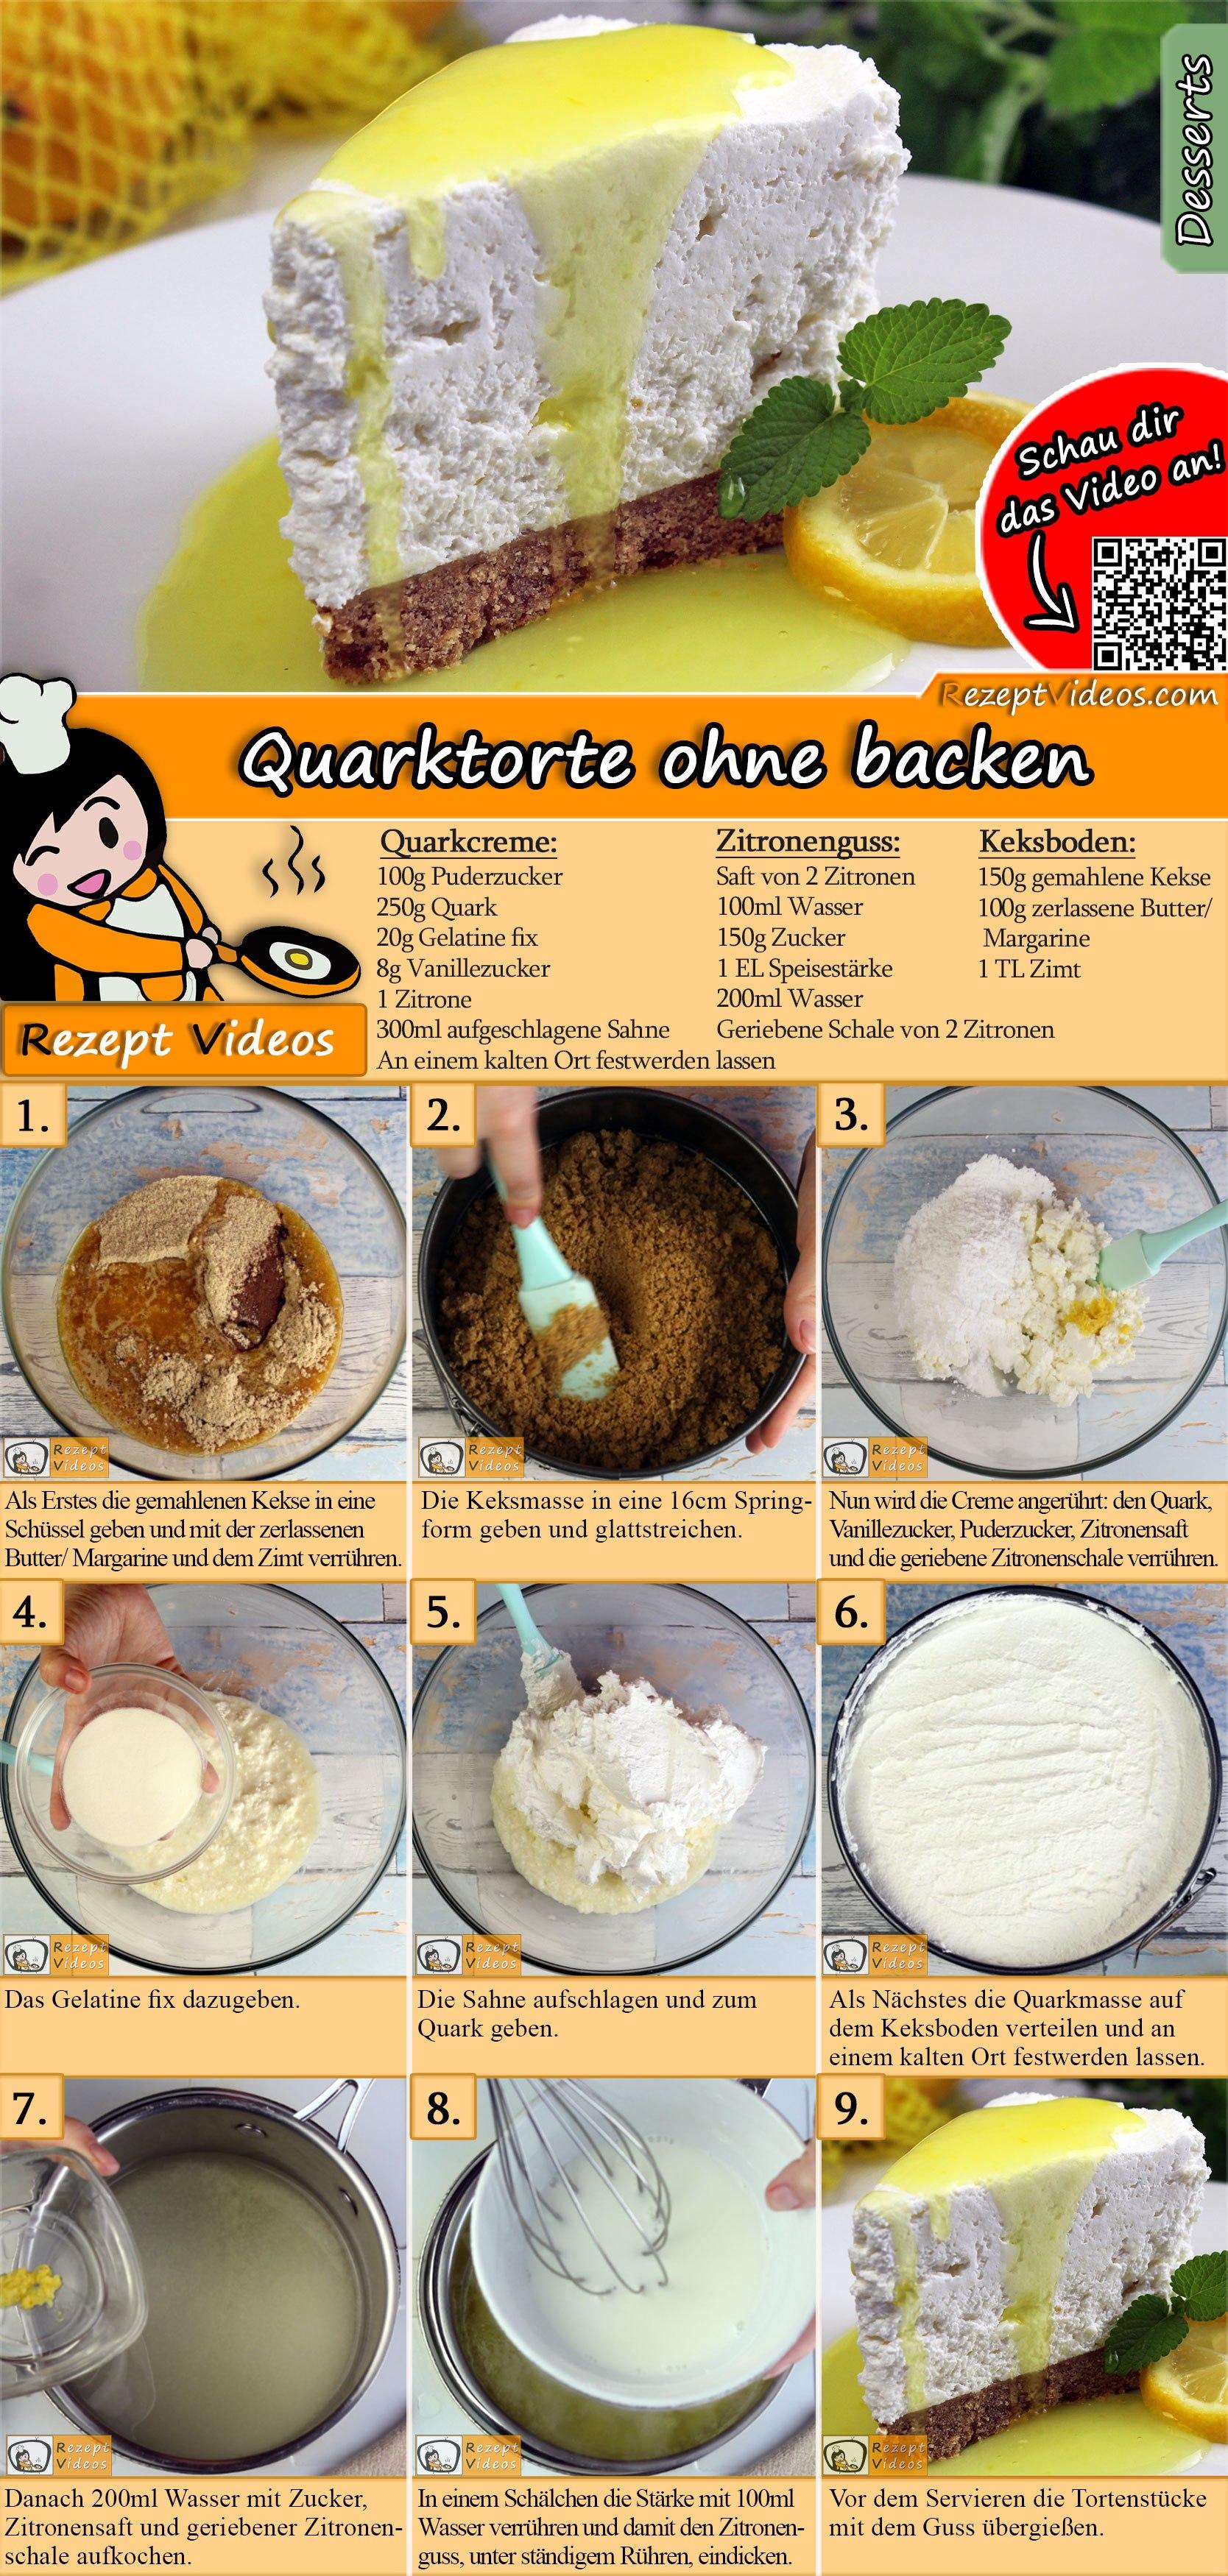 Quarktorte Ohne Backen Rezept Mit Video Torten Und Kuchen Rezepte